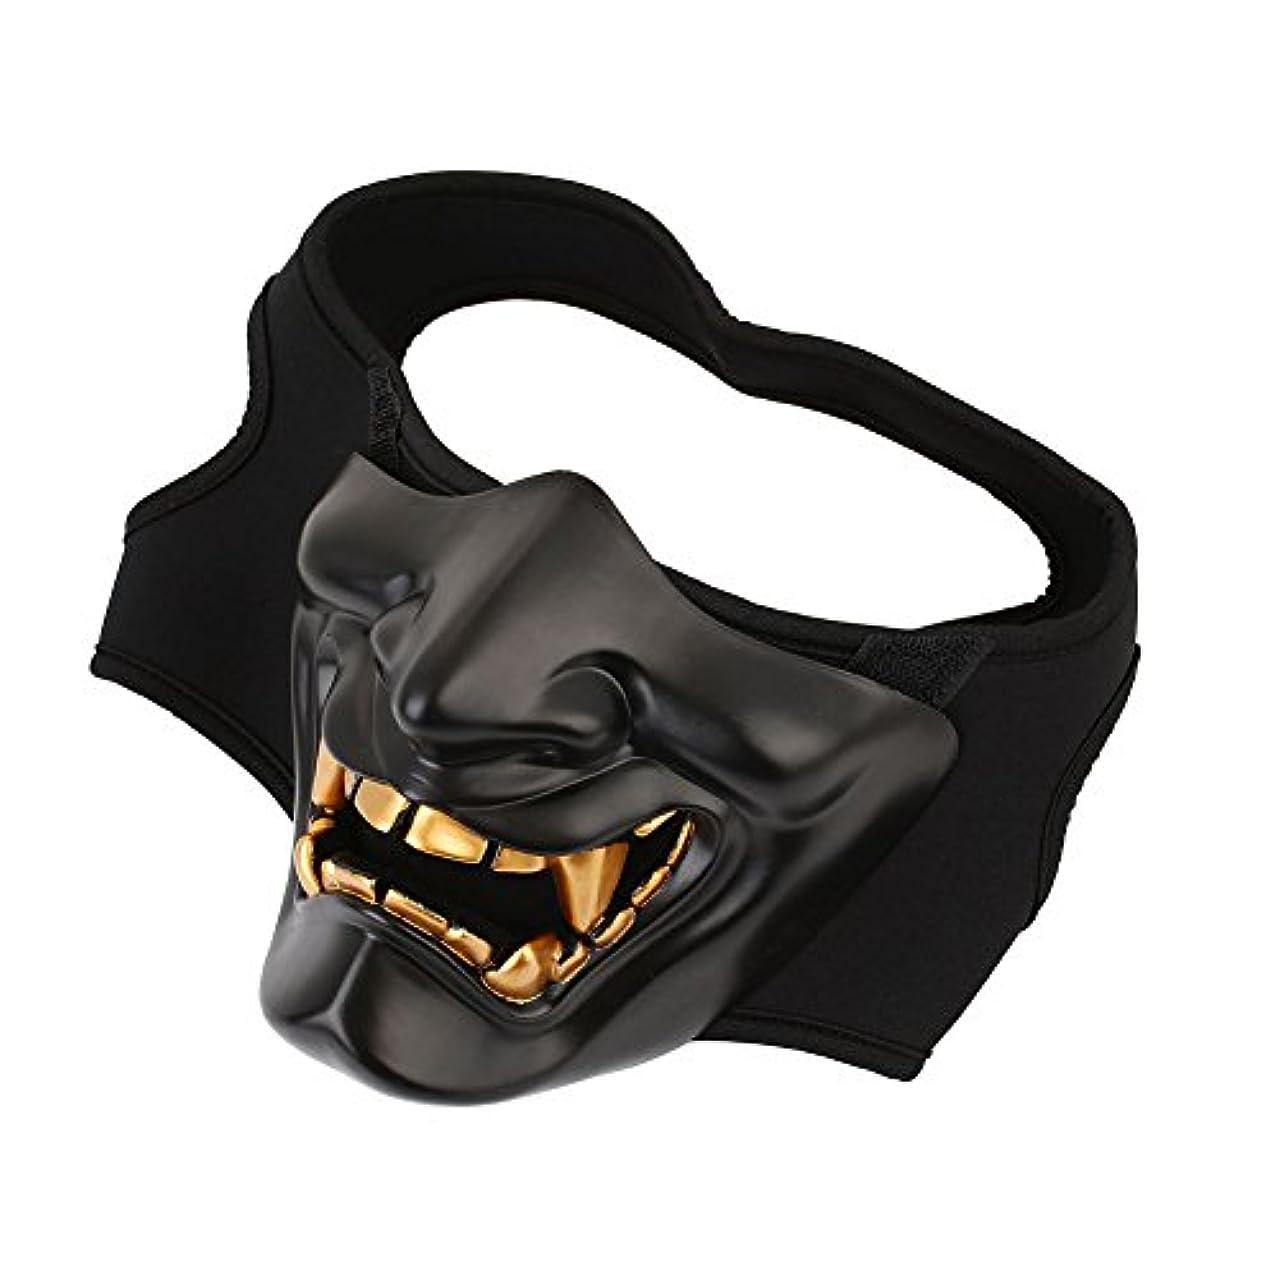 マンハッタン皿ピアノAuntwhale ハロウィーンマスク大人恐怖コスチューム、悪魔ファンシーマスカレードパーティーハロウィンマスク、フェスティバル通気性ギフトヘッドマスク - ブラック